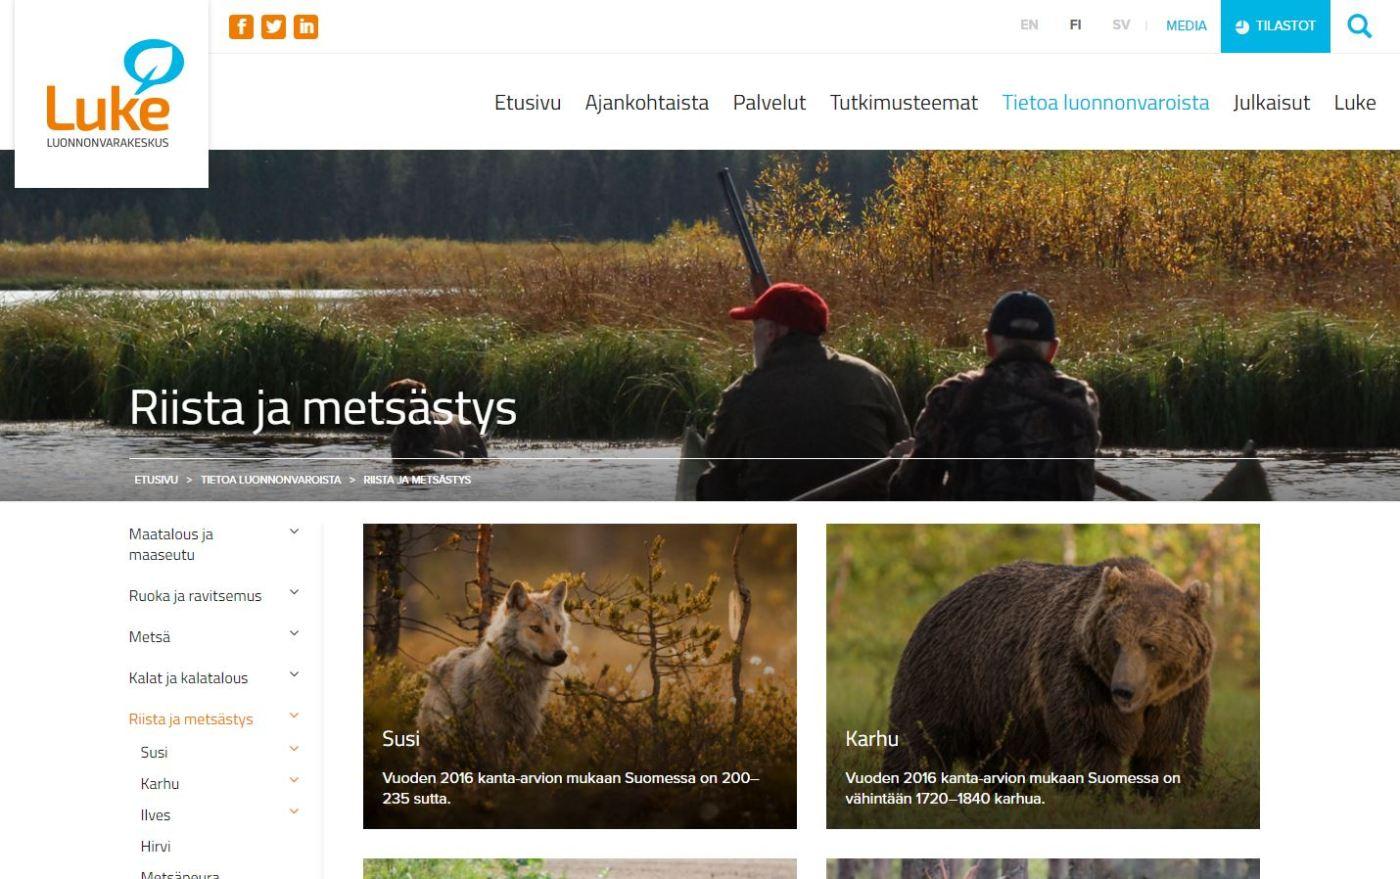 Luke.fi-sivuston sivu Riista ja metsästys